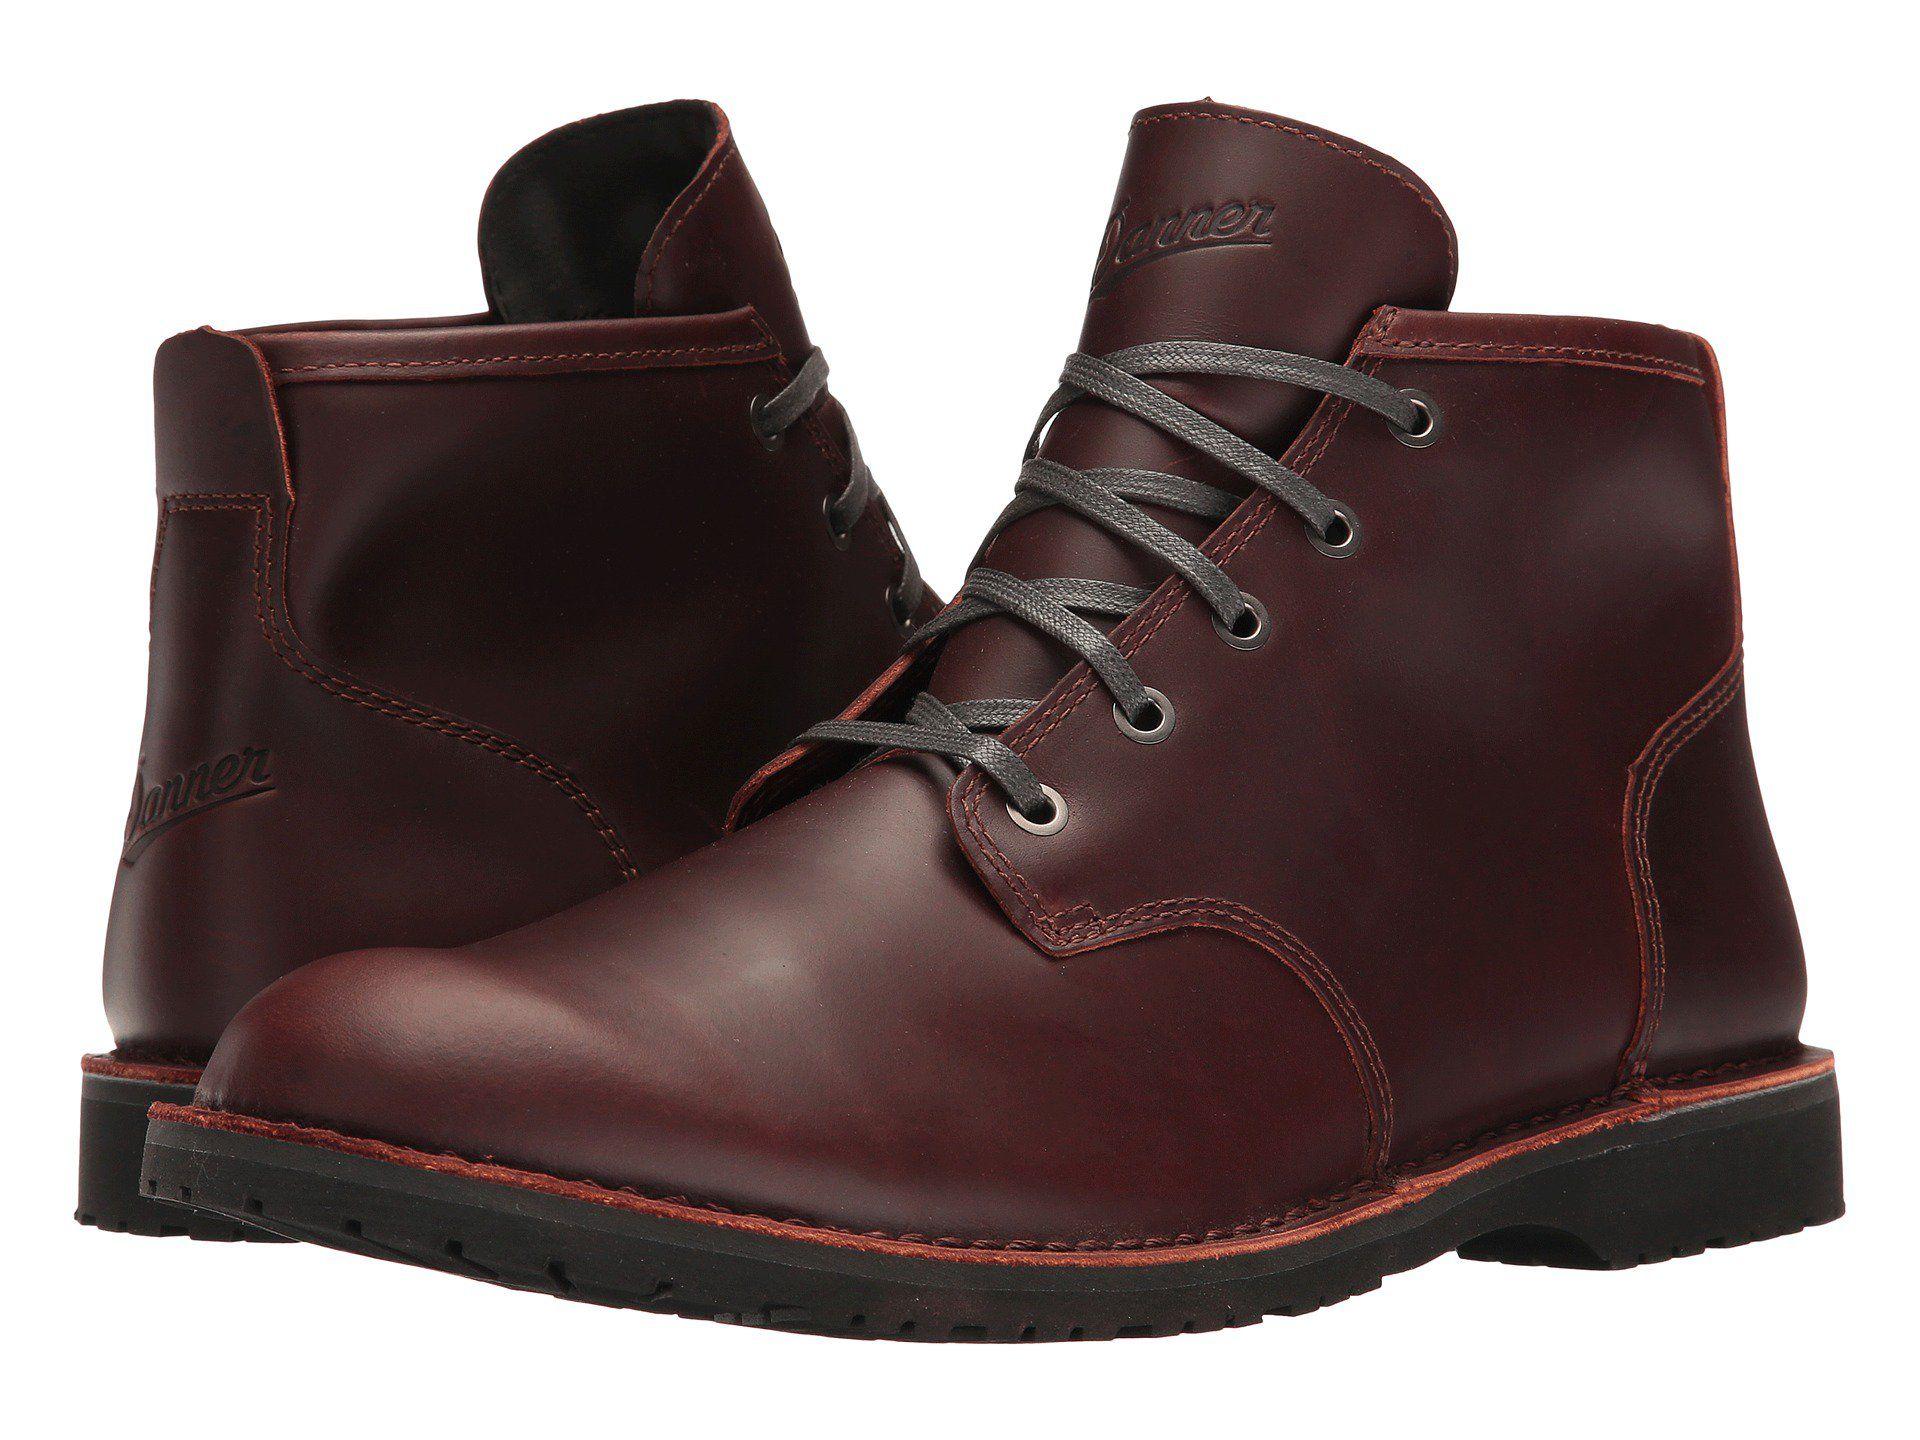 toe alpha comforter shoes mens boot work brahma steel waterproof com ip s men comfortable walmart